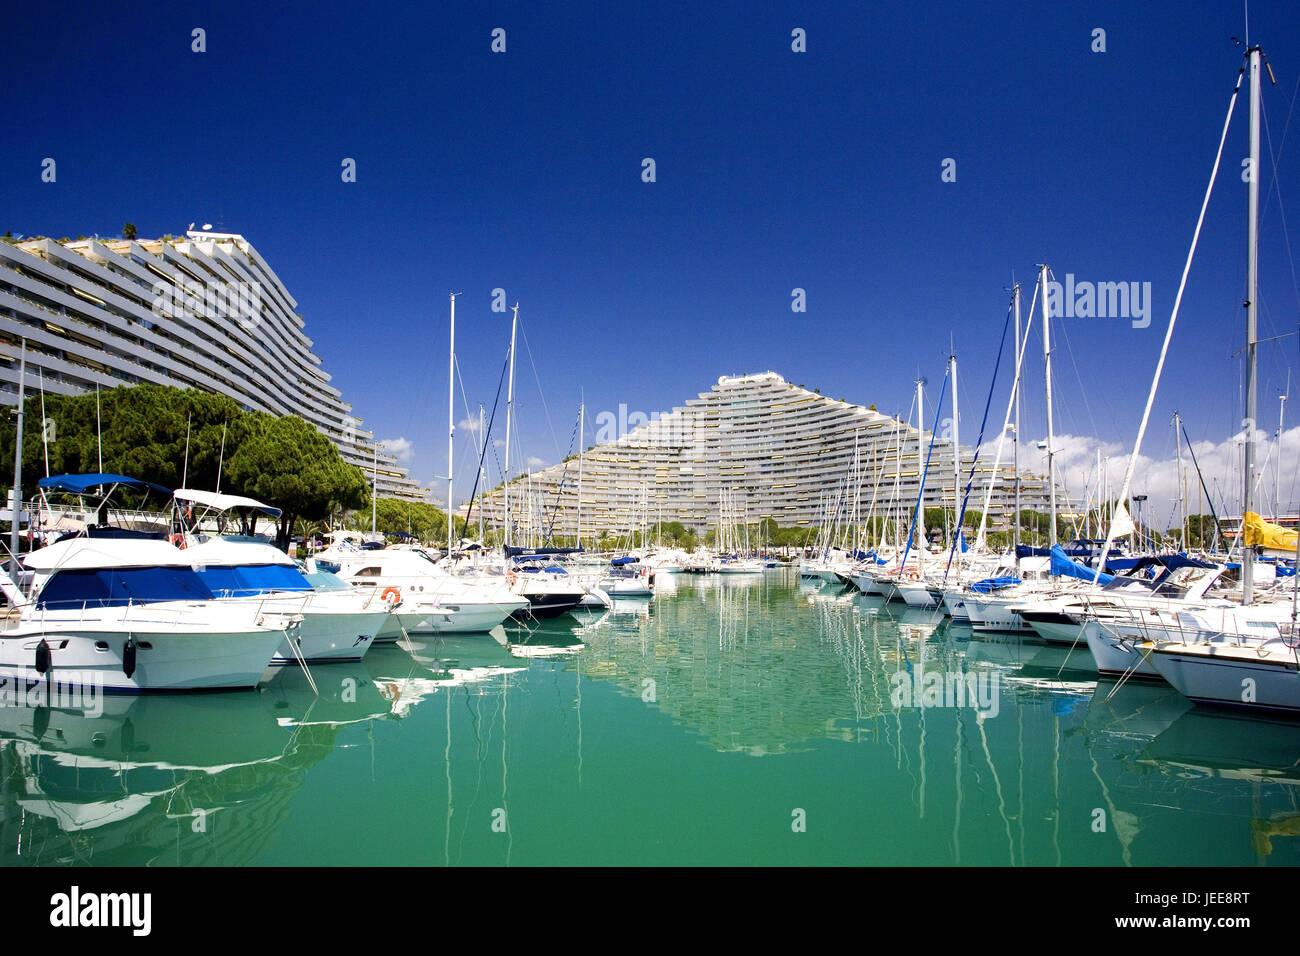 Francia, la figura pública moth, complejo hotelero, puerto deportivo, centro turístico costero, en el Imagen De Stock